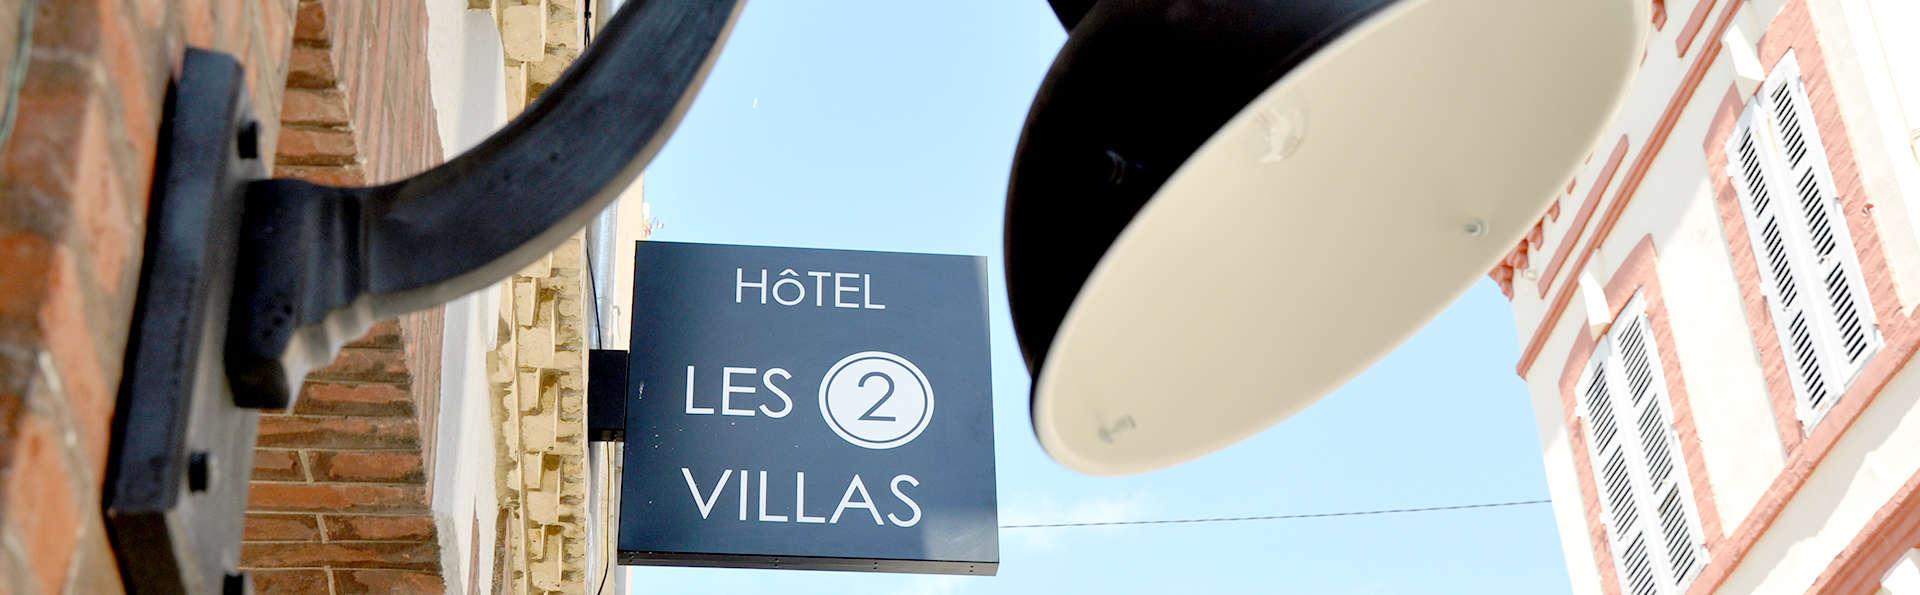 Hôtel Les 2 Villas - Edit_front4.jpg